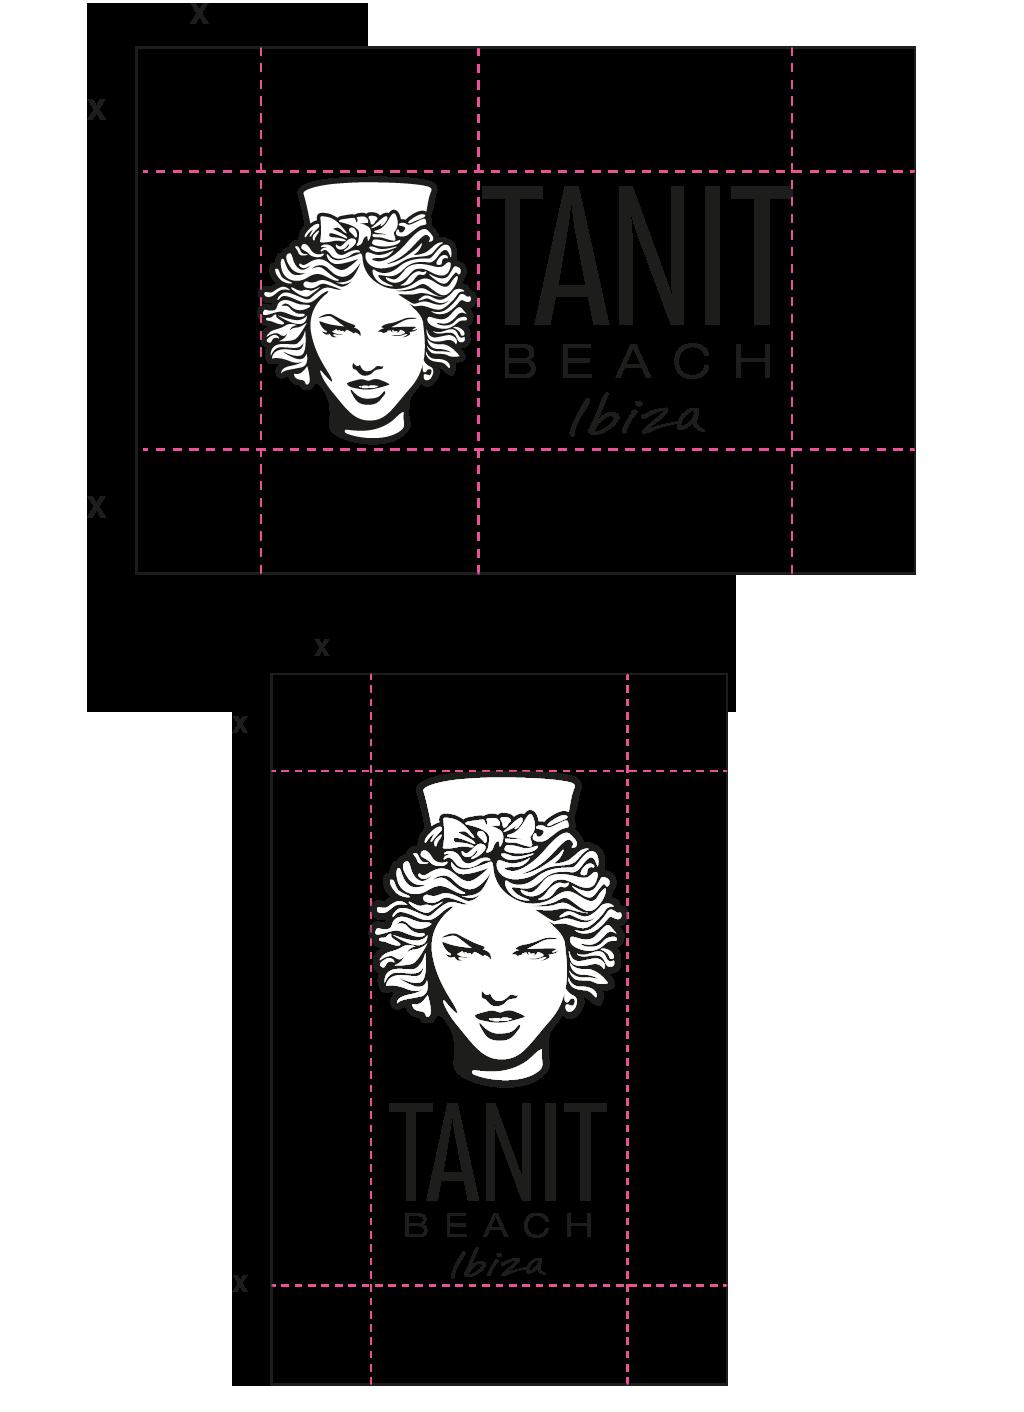 tanit_logo_03